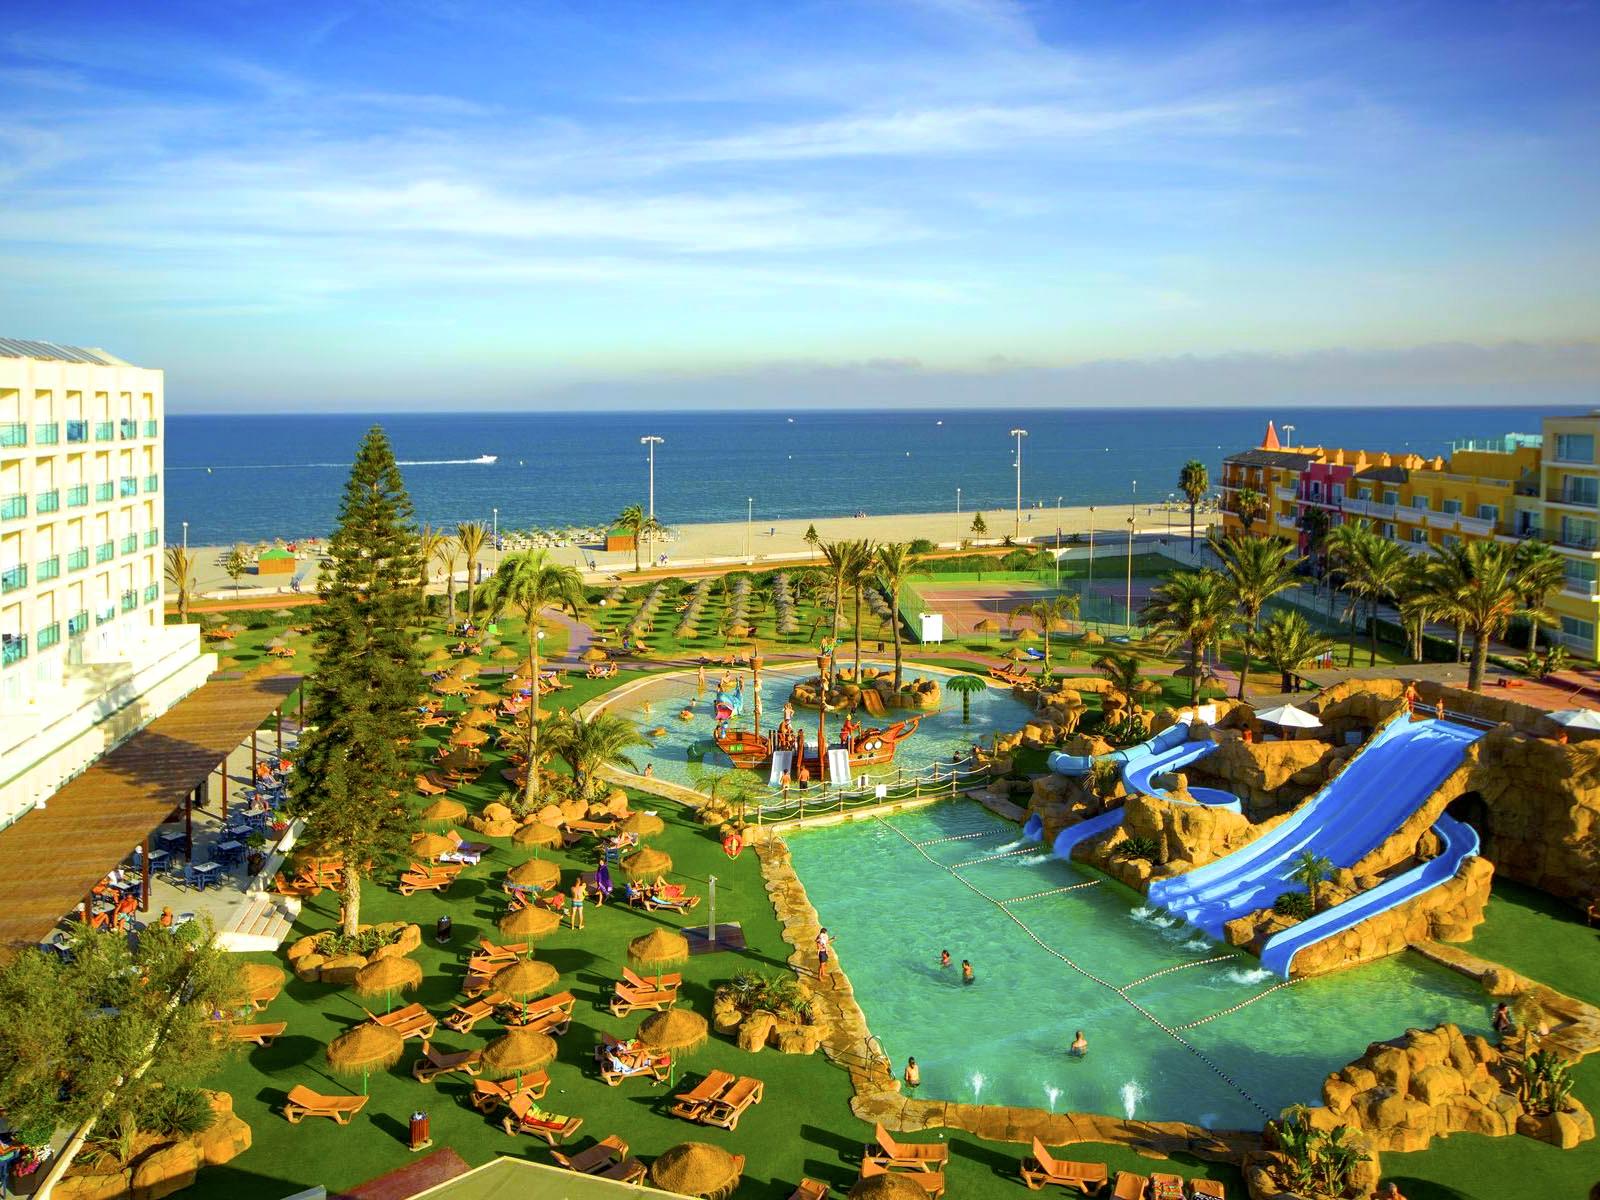 Hoteles con toboganes acu ticos escapat - Hoteles en castellon con piscina ...